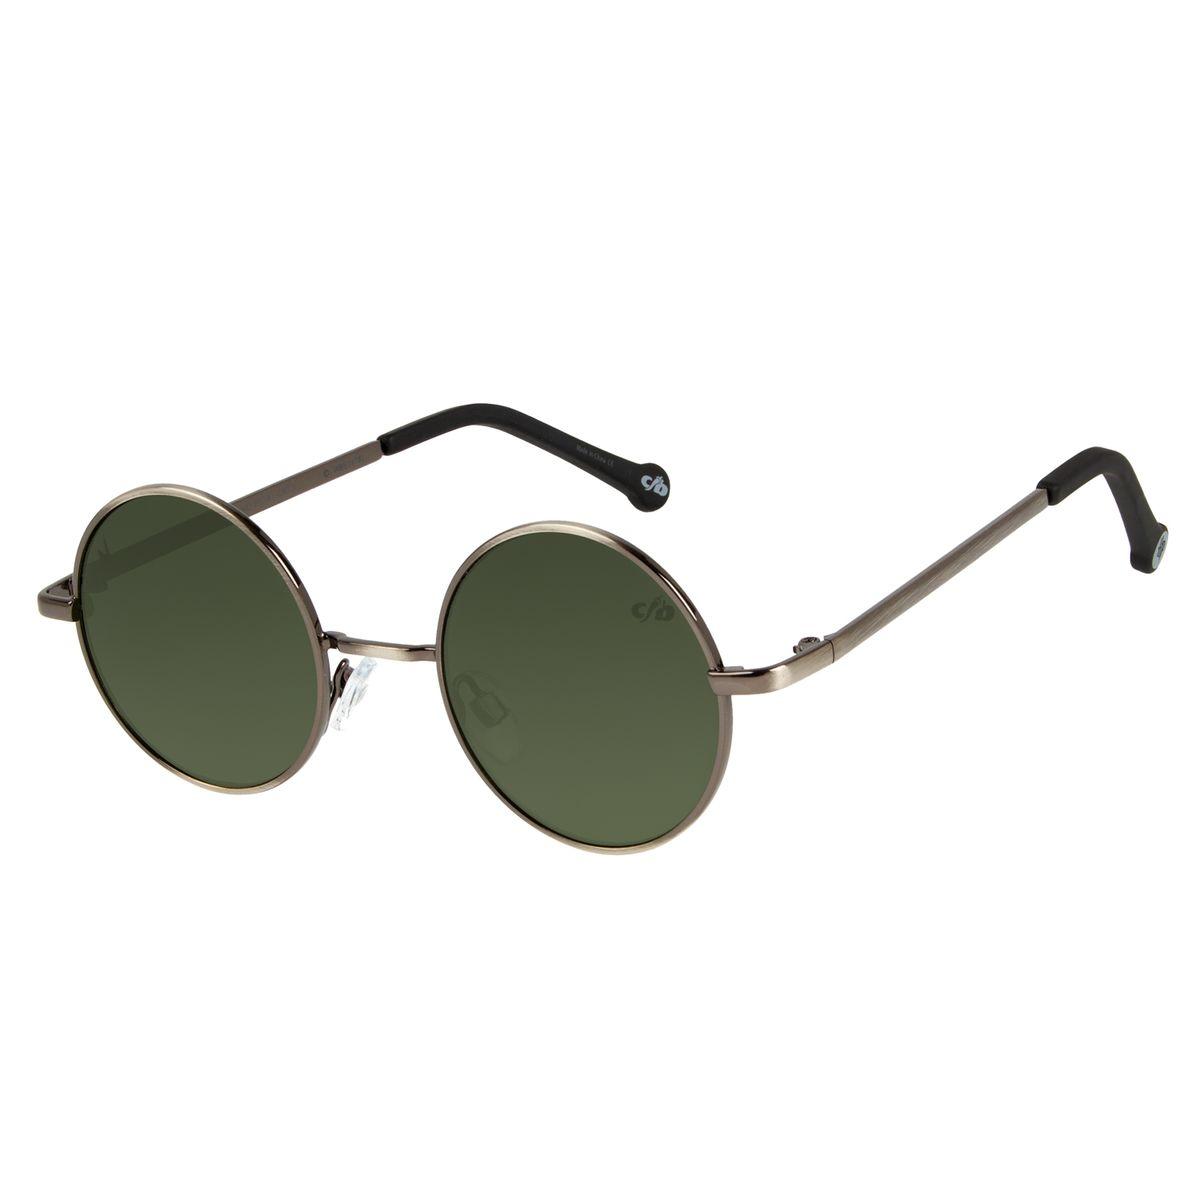 b9647ae50 Óculos de Sol Infantil Harry Potter Onix 0579 - Chilli Beans